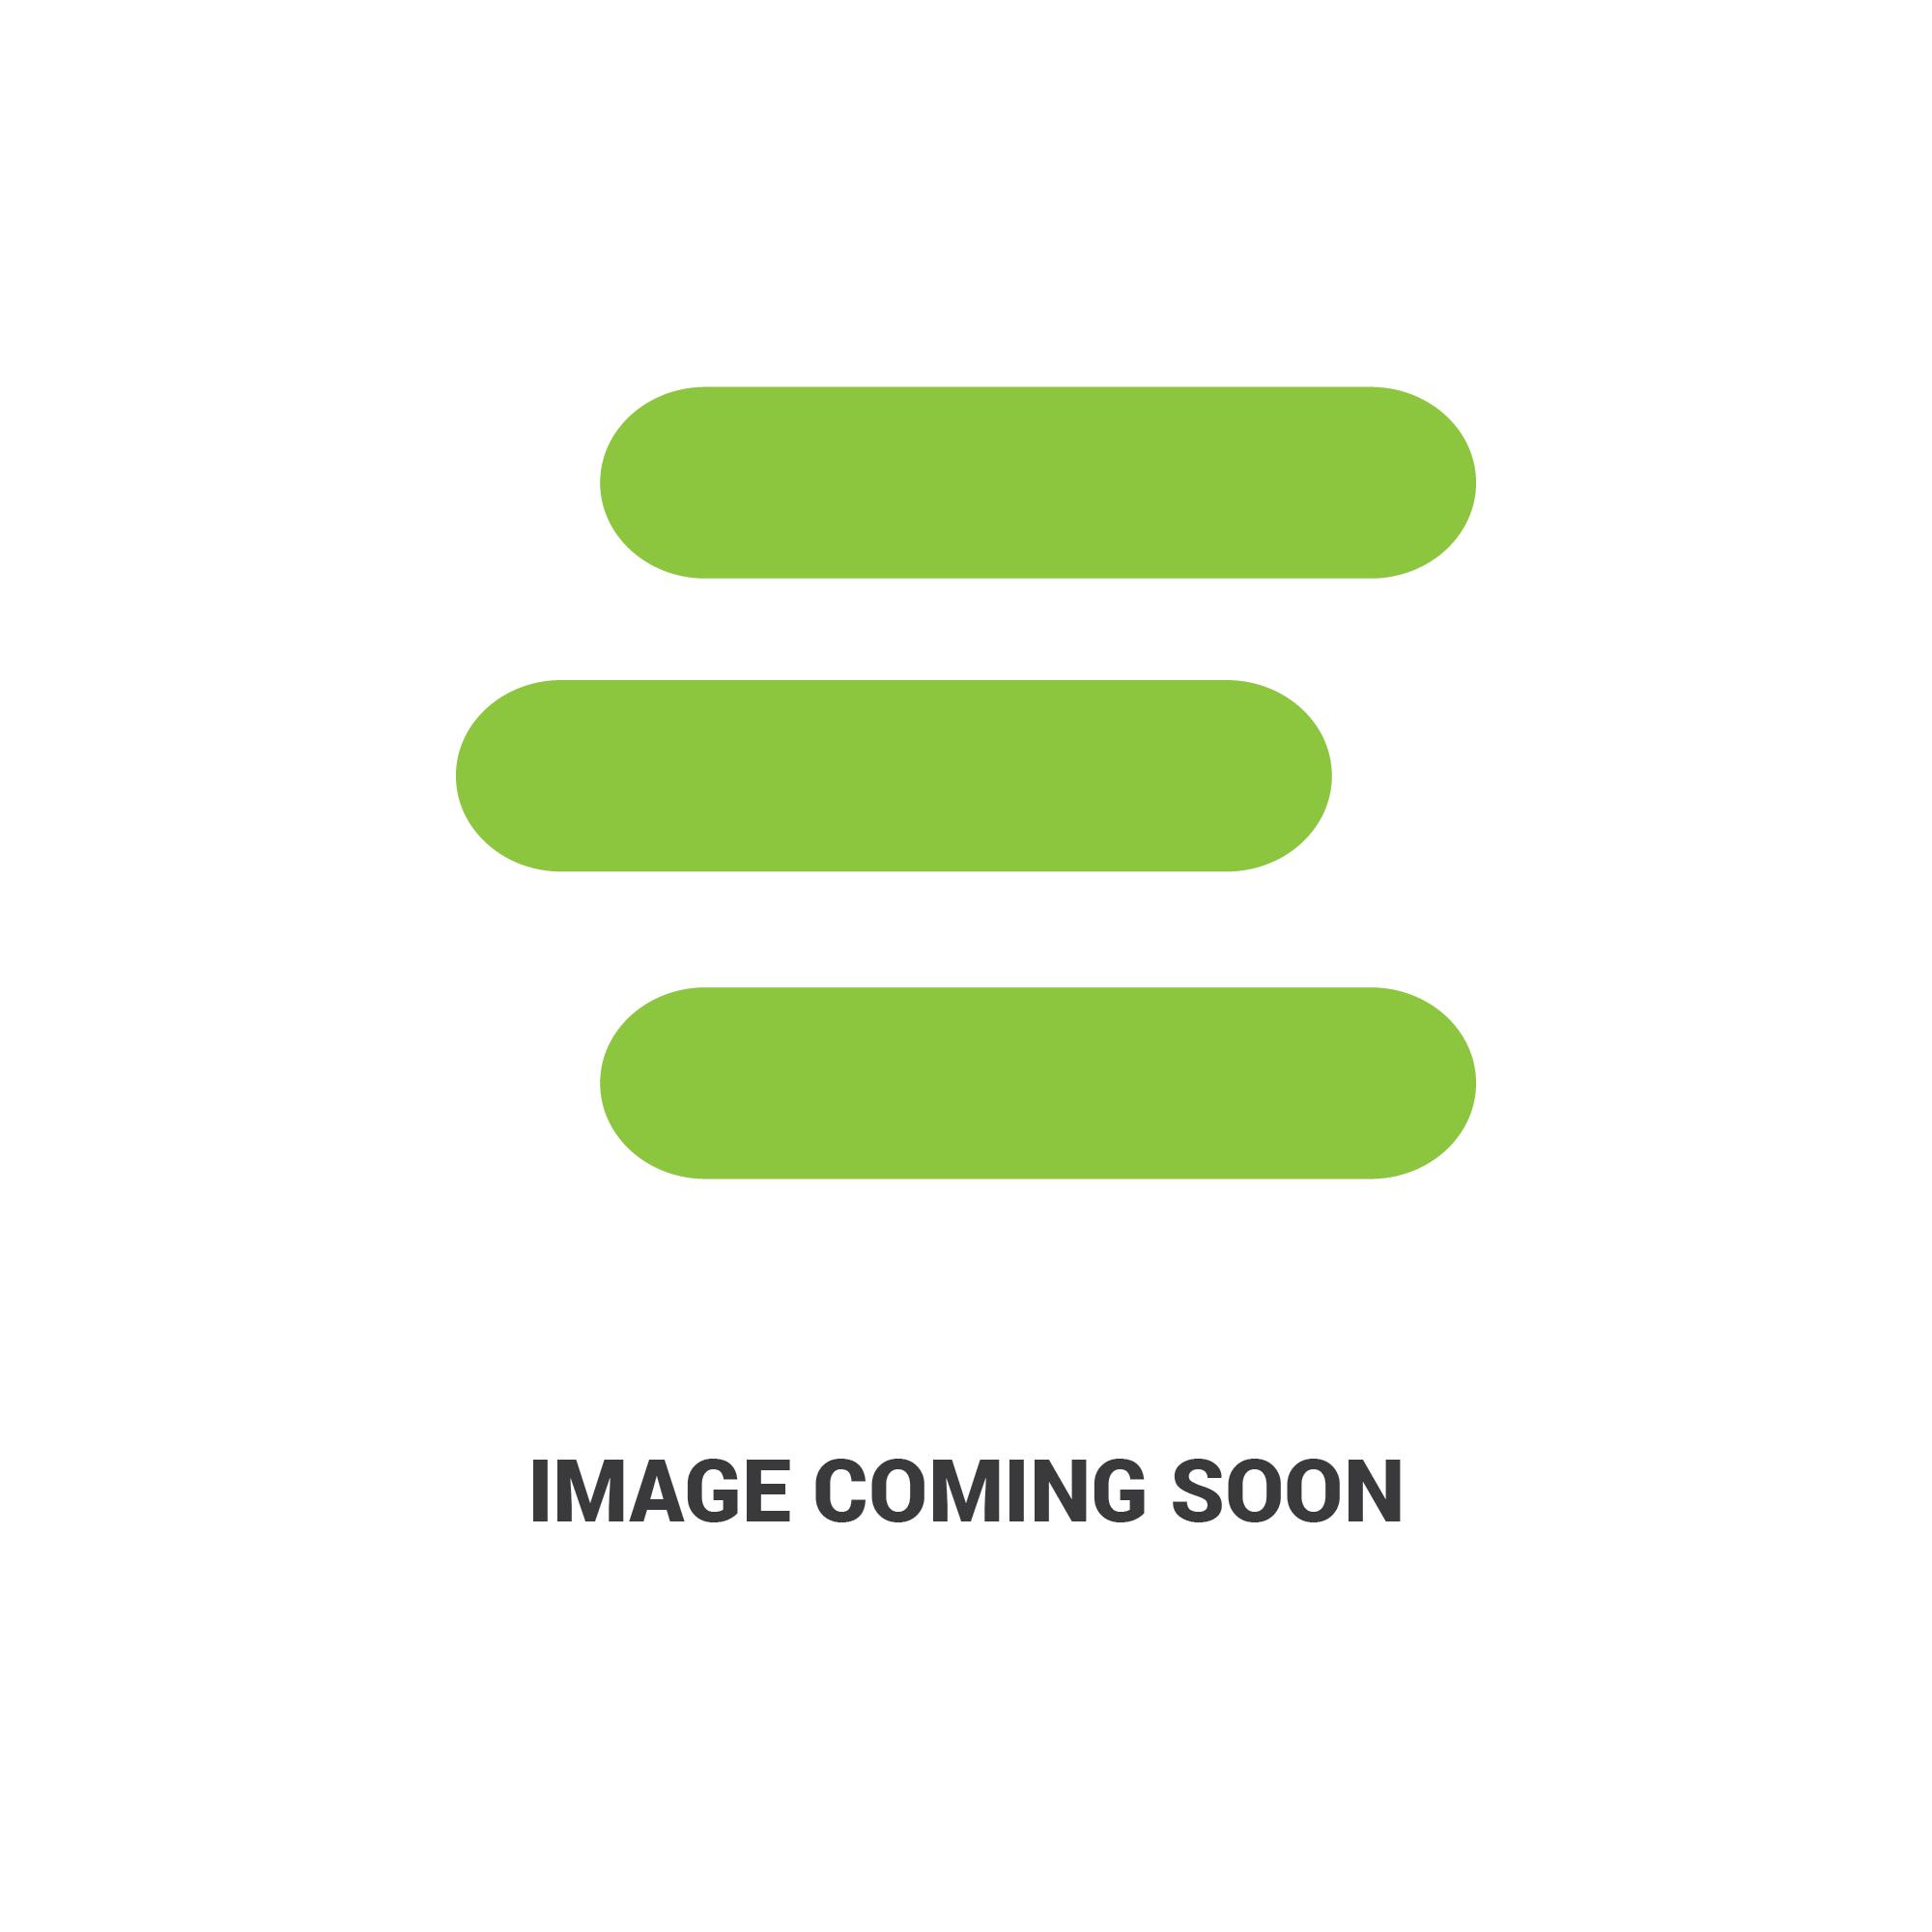 E-36919-52872ag1001916.jpg